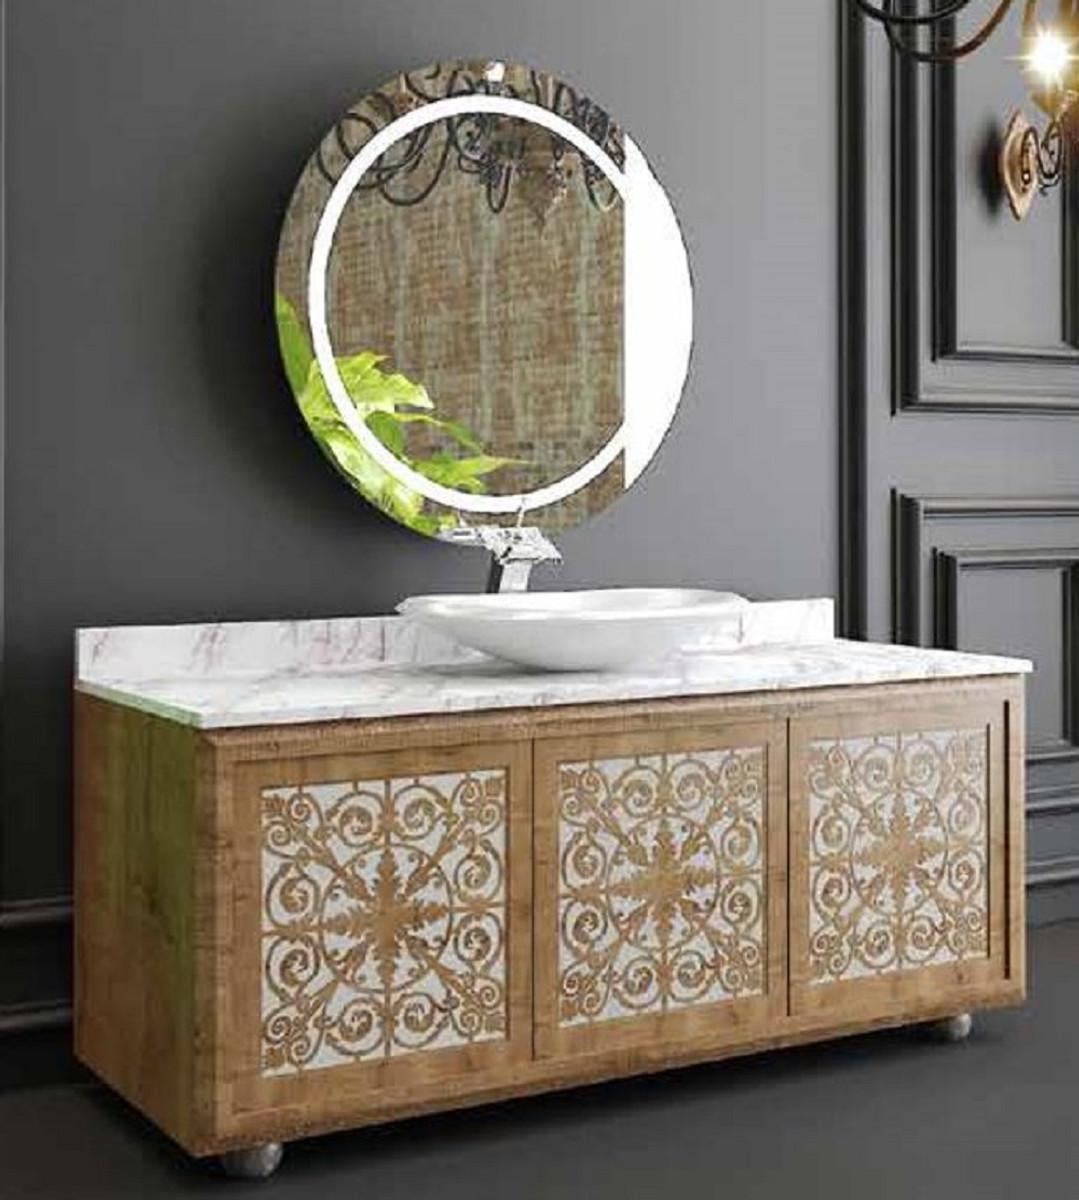 Casa Padrino Luxus Badezimmer Set Naturfarben Weiss 1 Waschtisch Mit 3 Turen Und 1 Waschbecken Und 1 Wandspiegel Badezimmermobel Luxus Qualitat